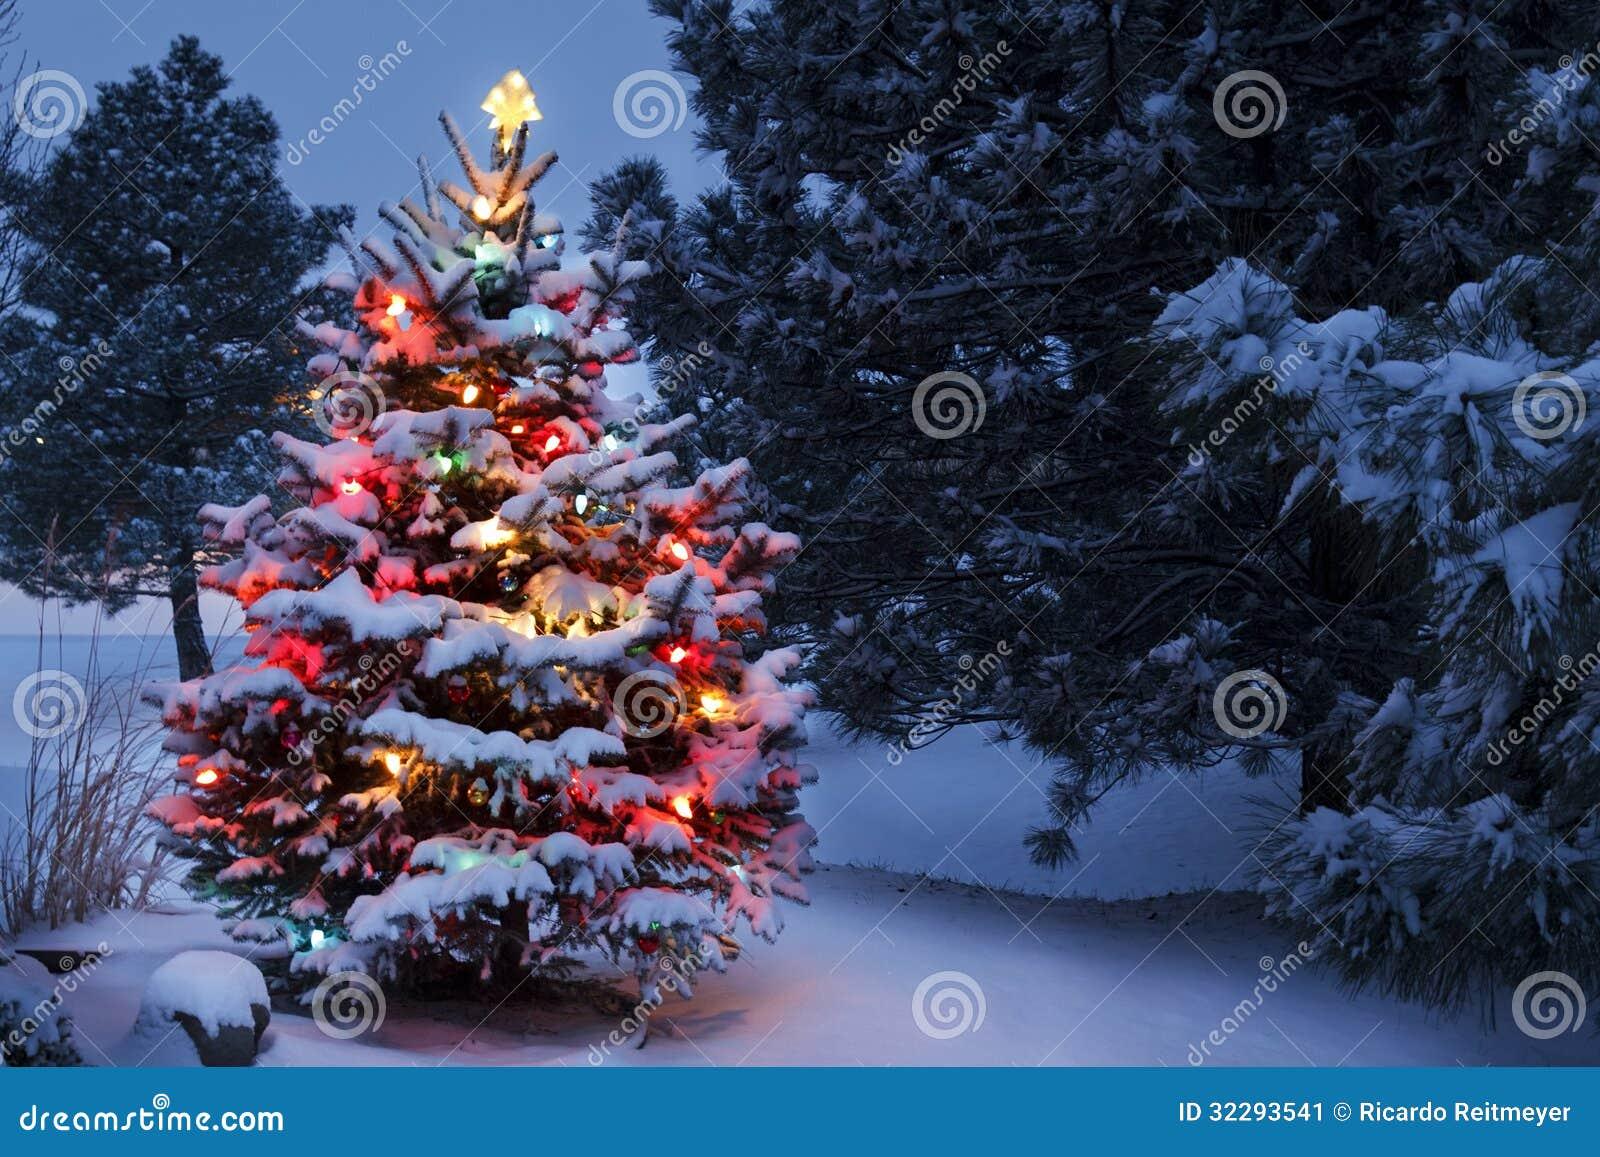 El árbol de navidad nevado brilla intensamente brillantemente en la luz de la madrugada